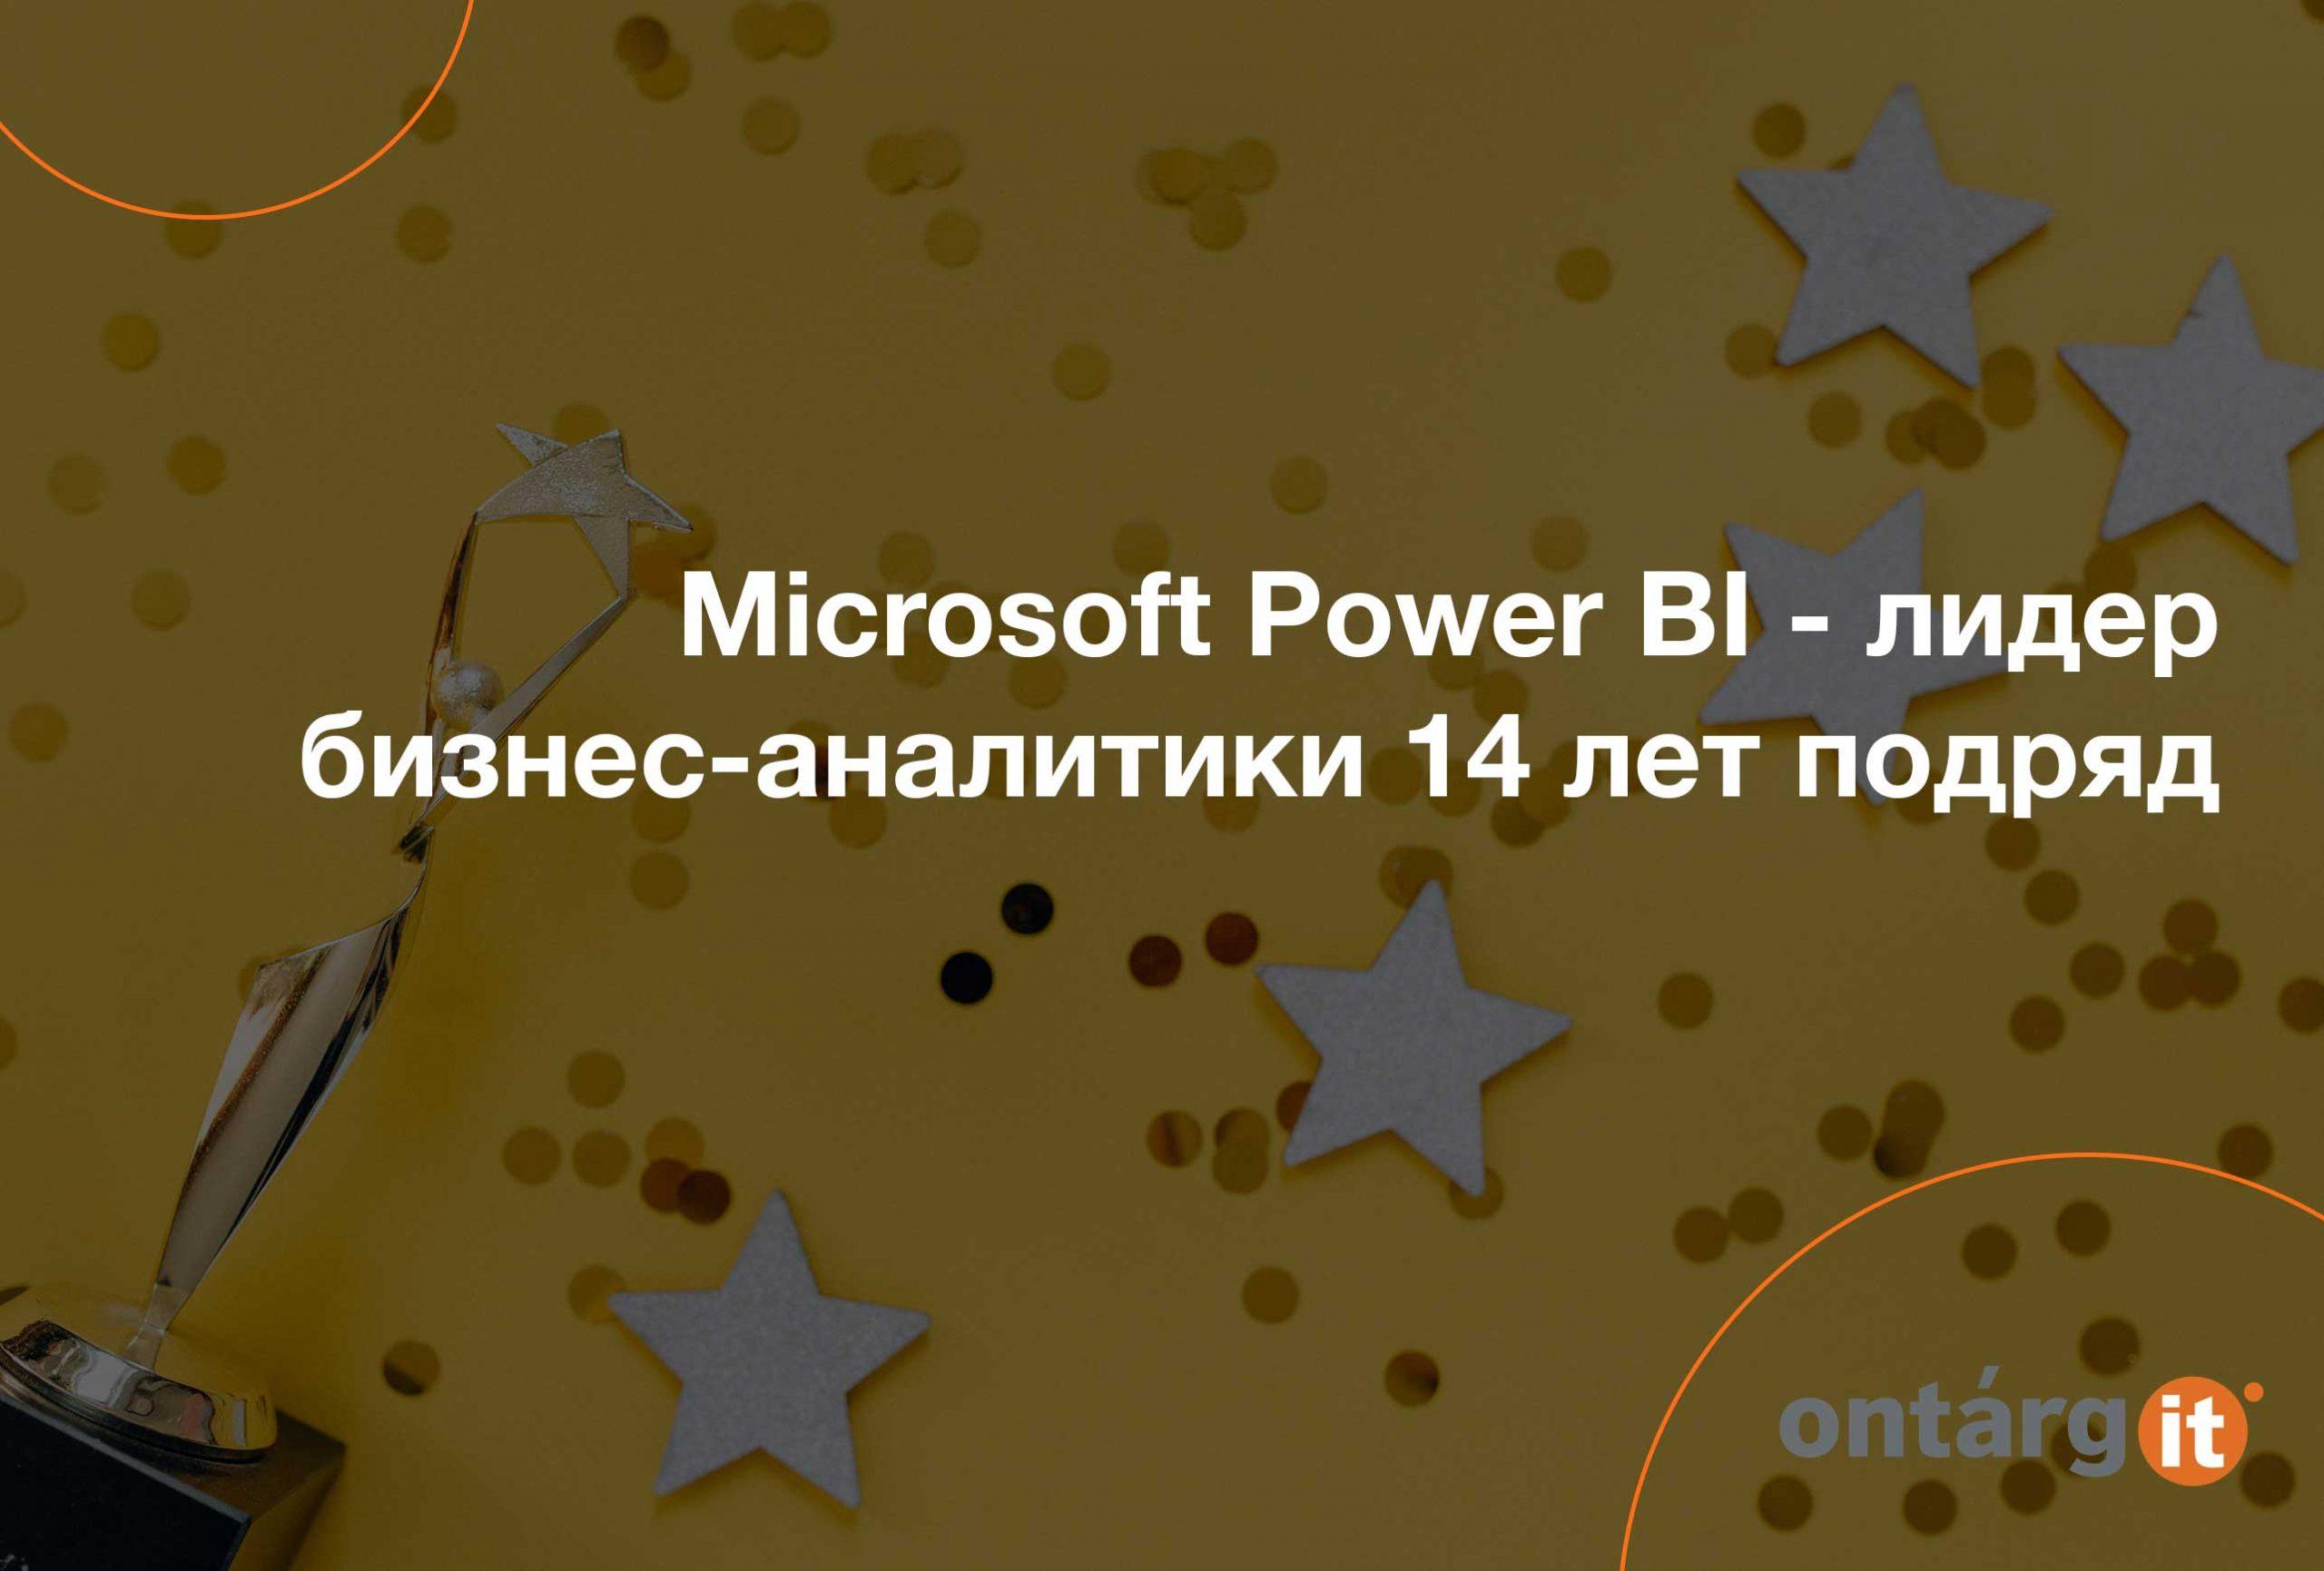 Майкрософт_лидер_бизнес_аналитики_14_лет_подряд